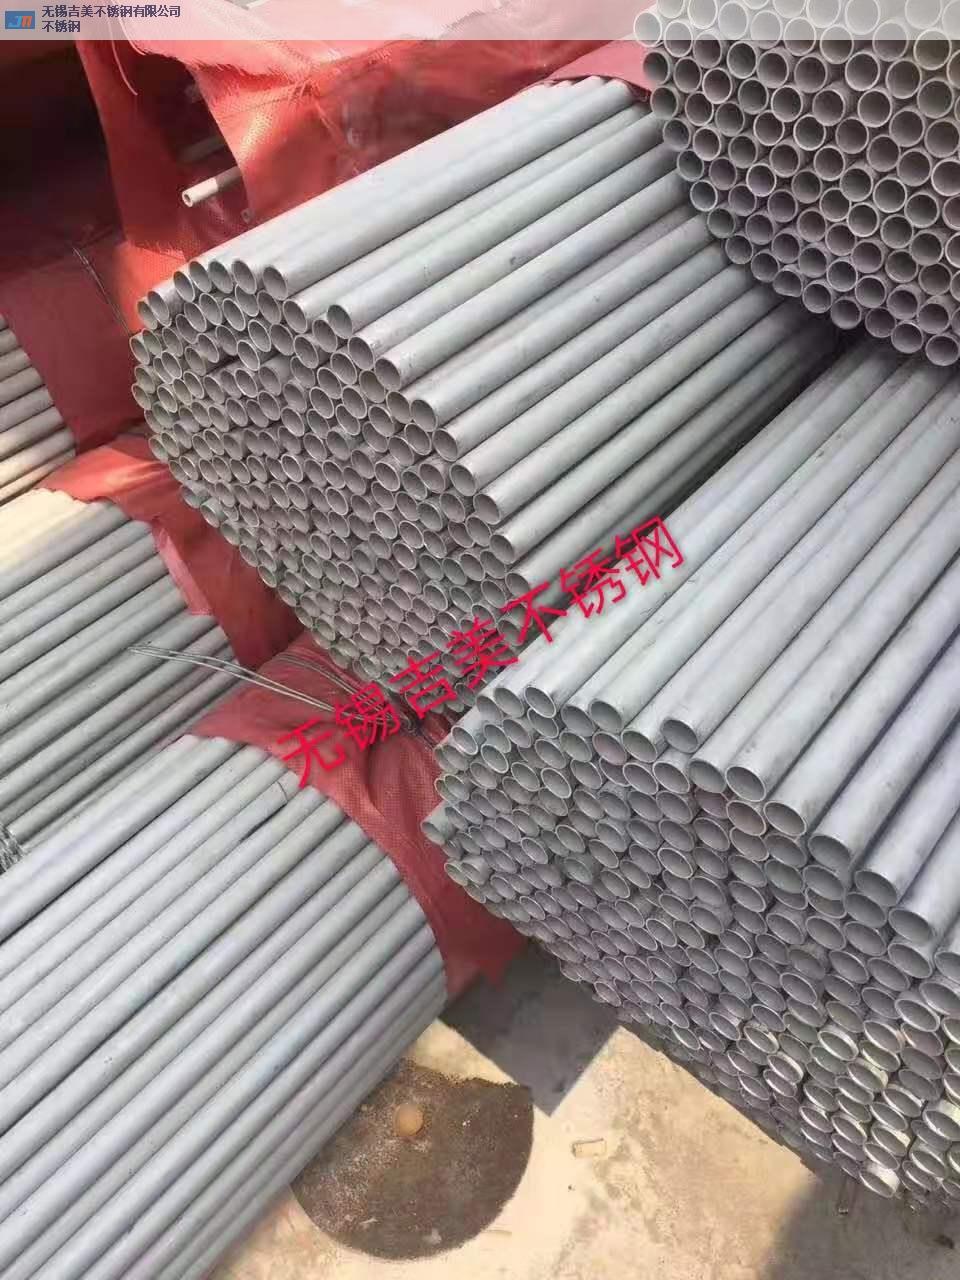 蘇州耐高溫不銹鋼水刀加工「無錫吉美不銹鋼供應」